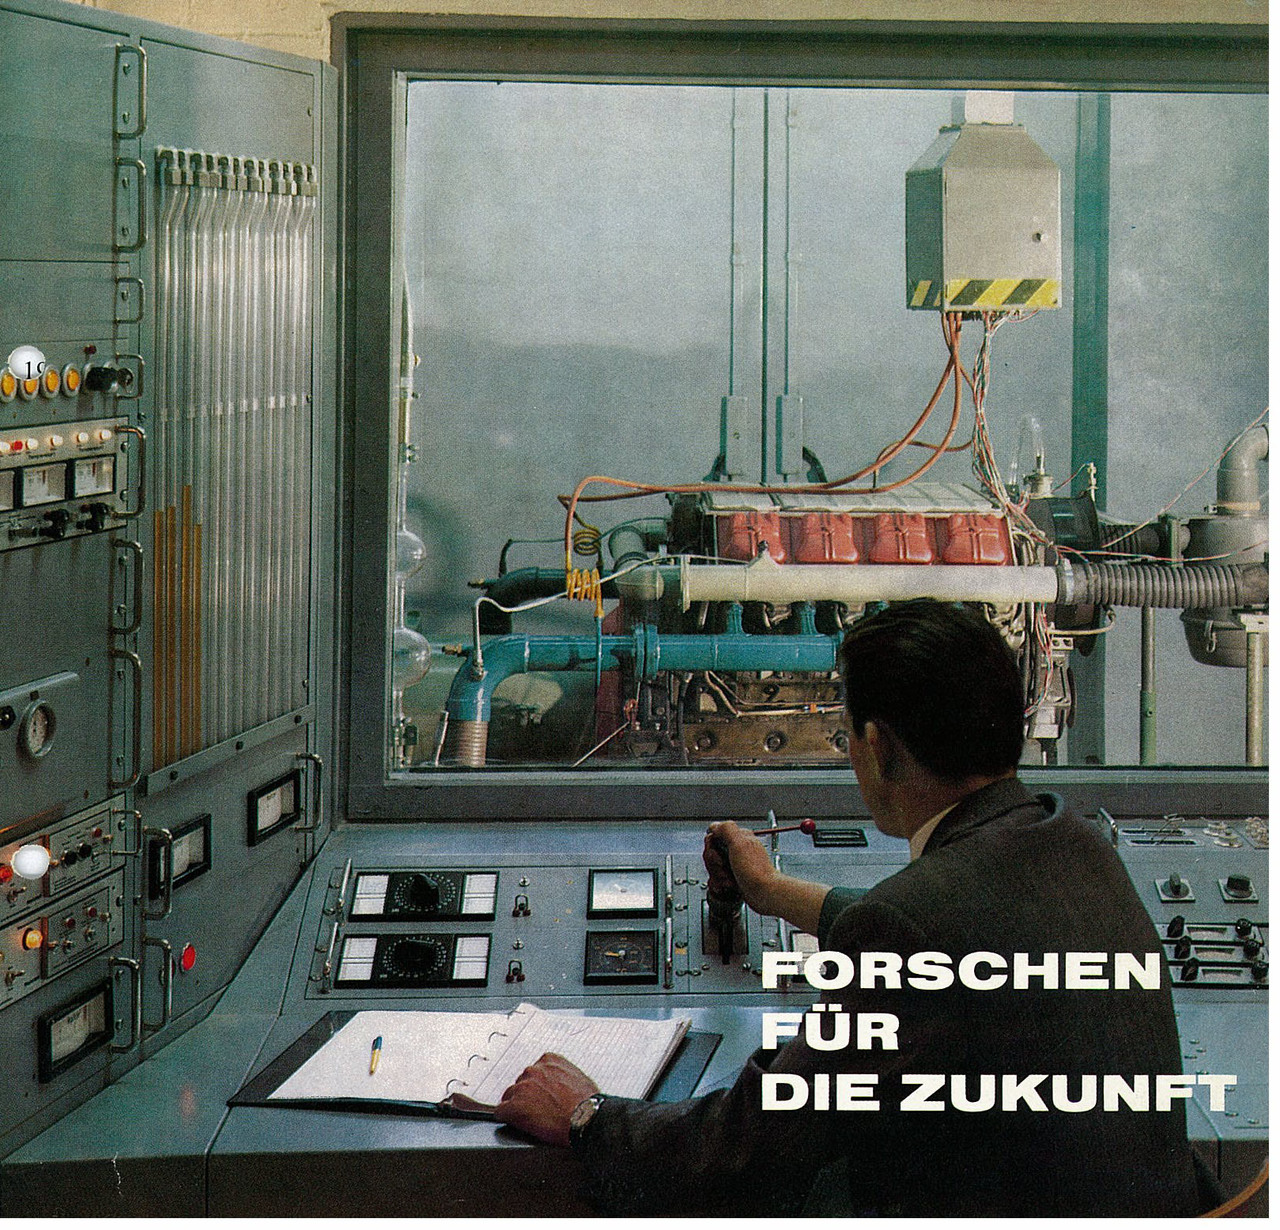 KHD PORZ Broschüre - Forschen für die Zukunft